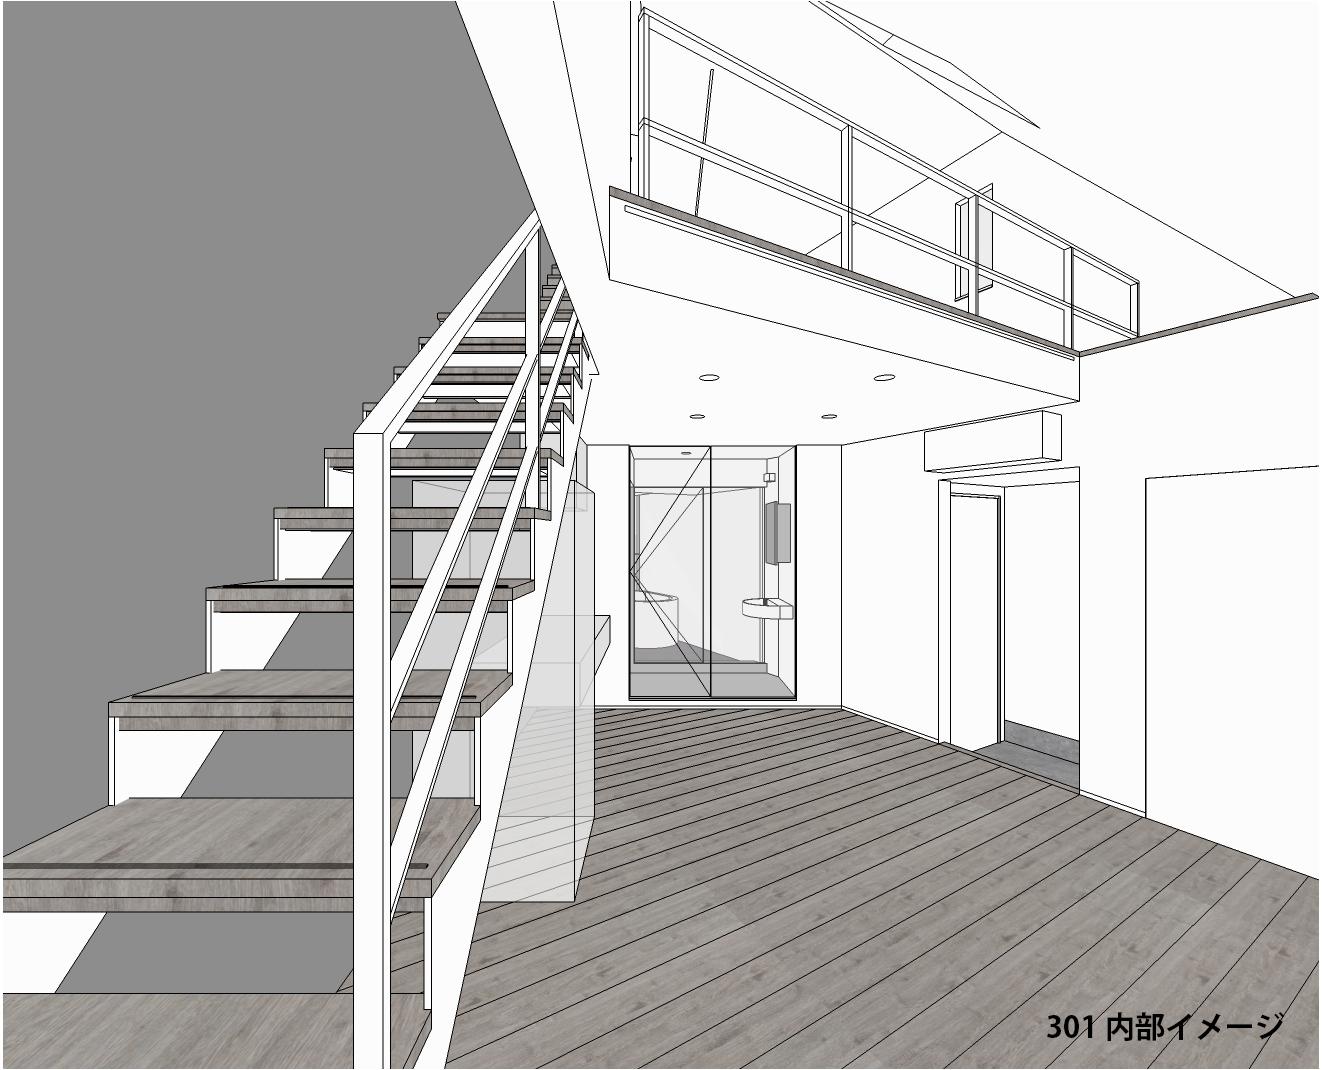 広がりと奥行きをデザインした新築賃貸